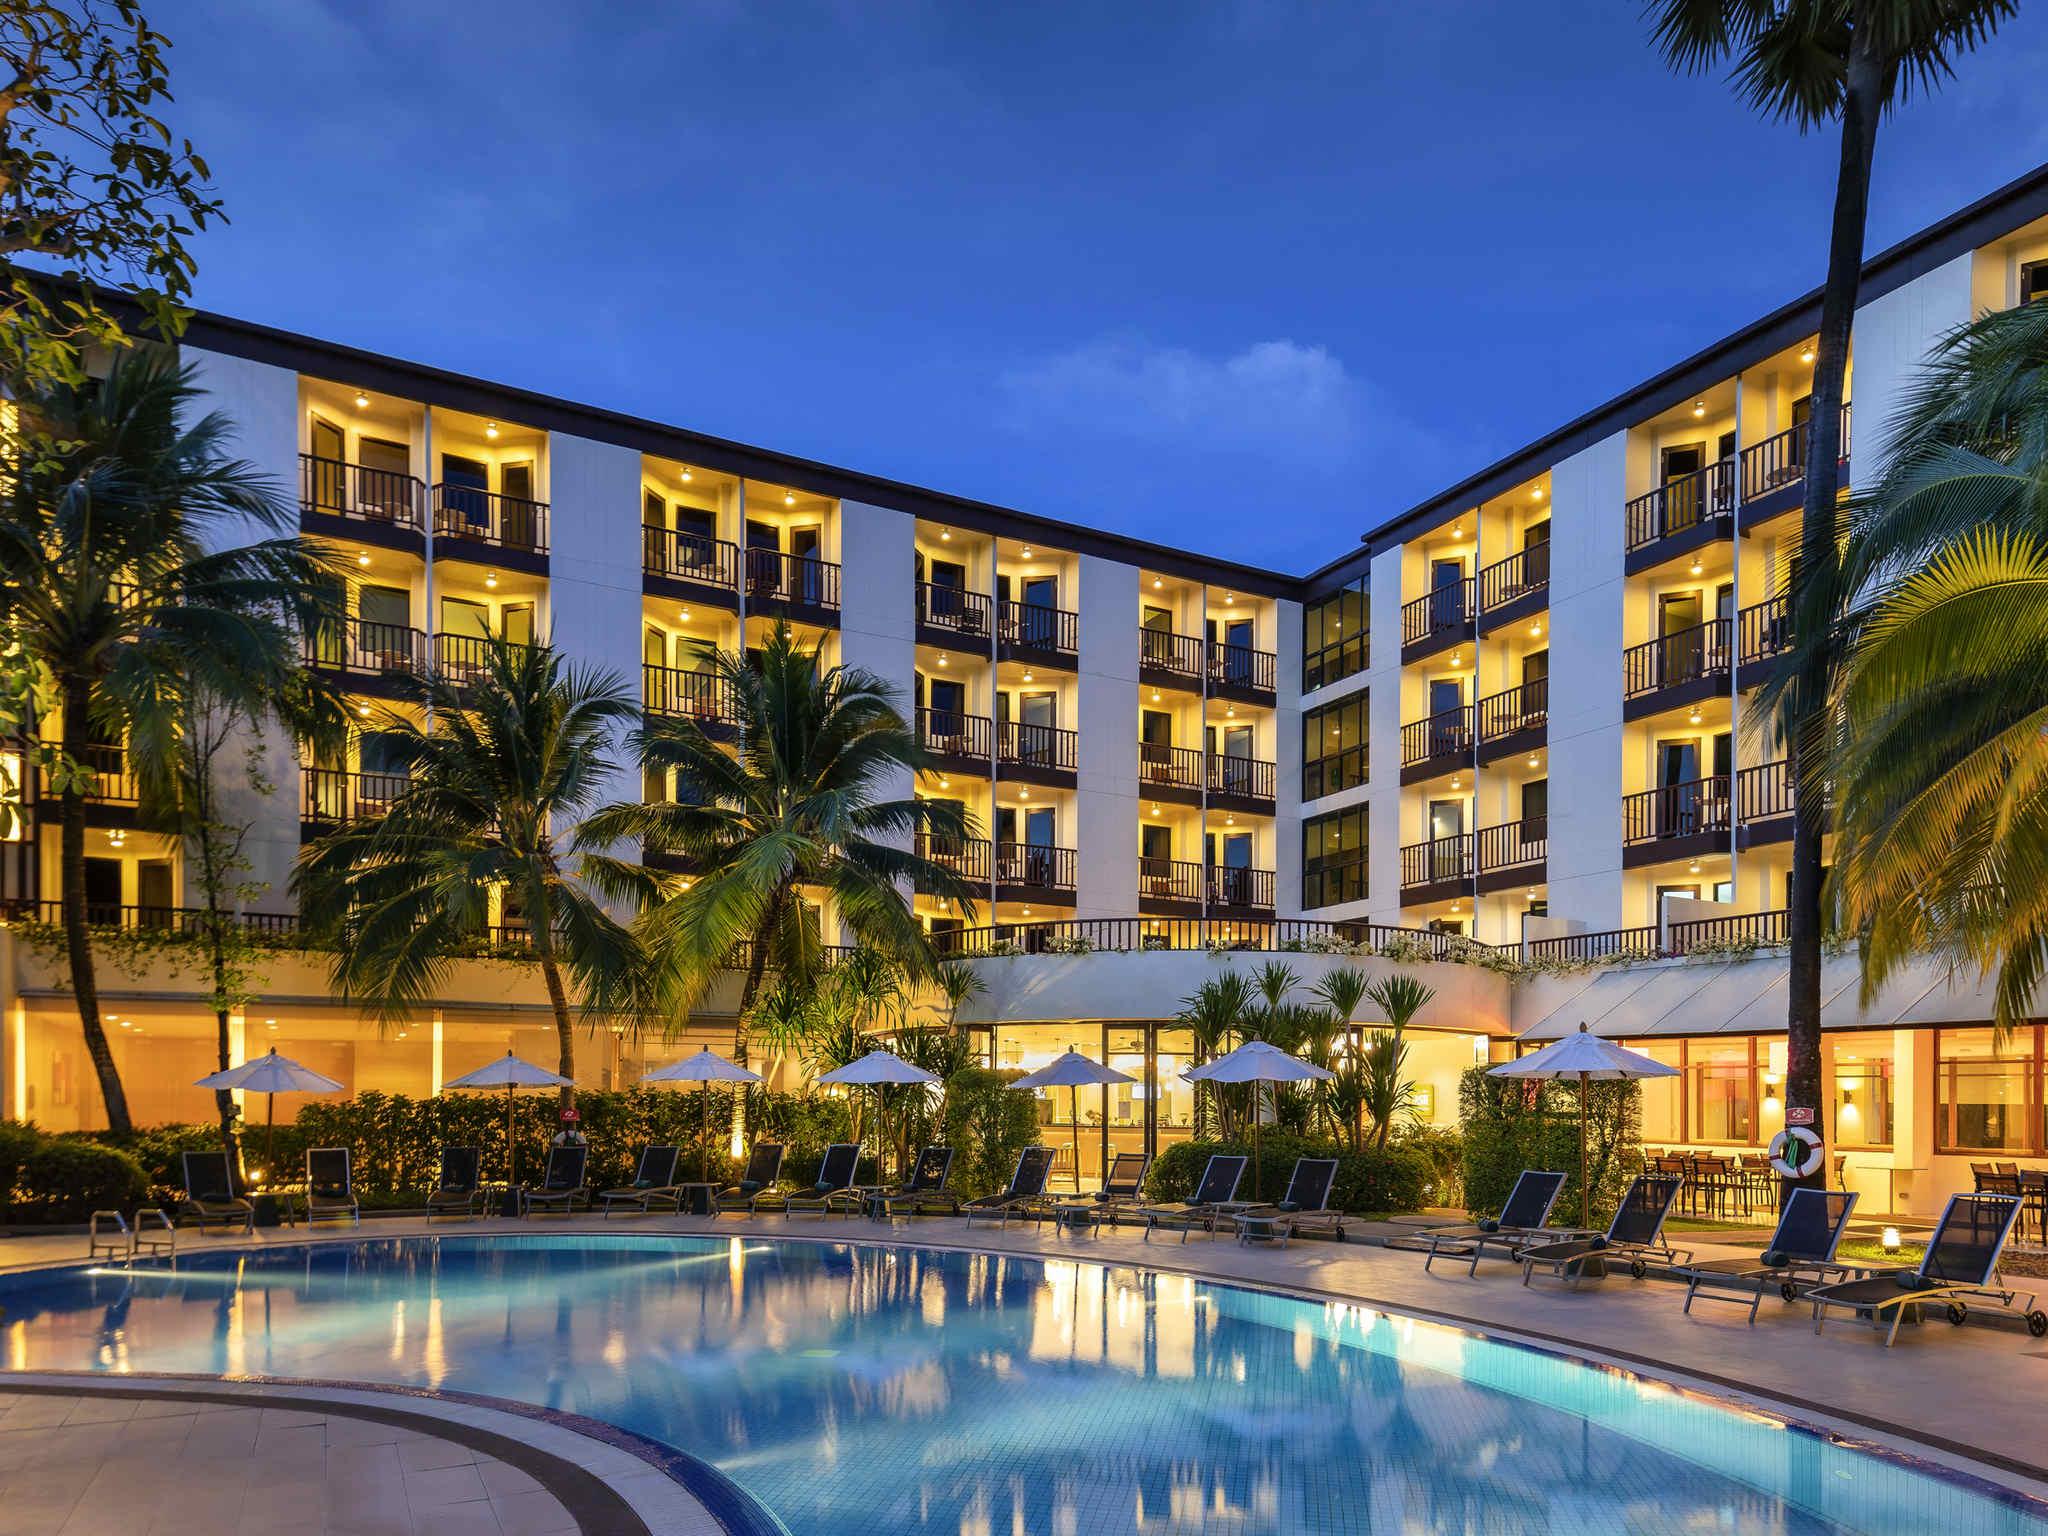 โรงแรม – ไอบิส ภูเก็ต ป่าตอง